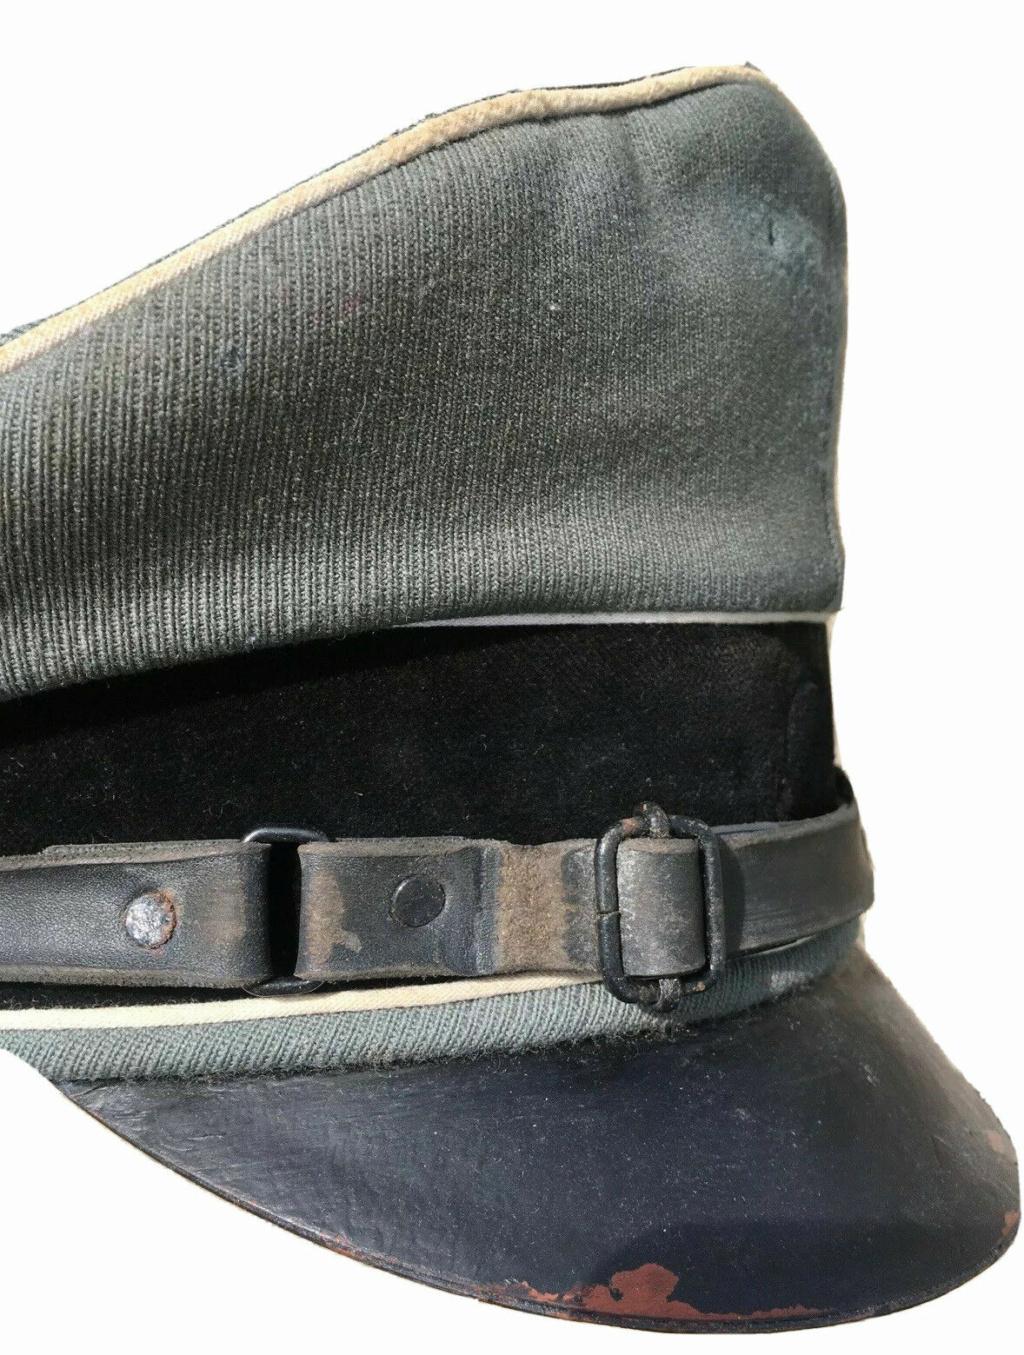 authentification casquette allemande 66610